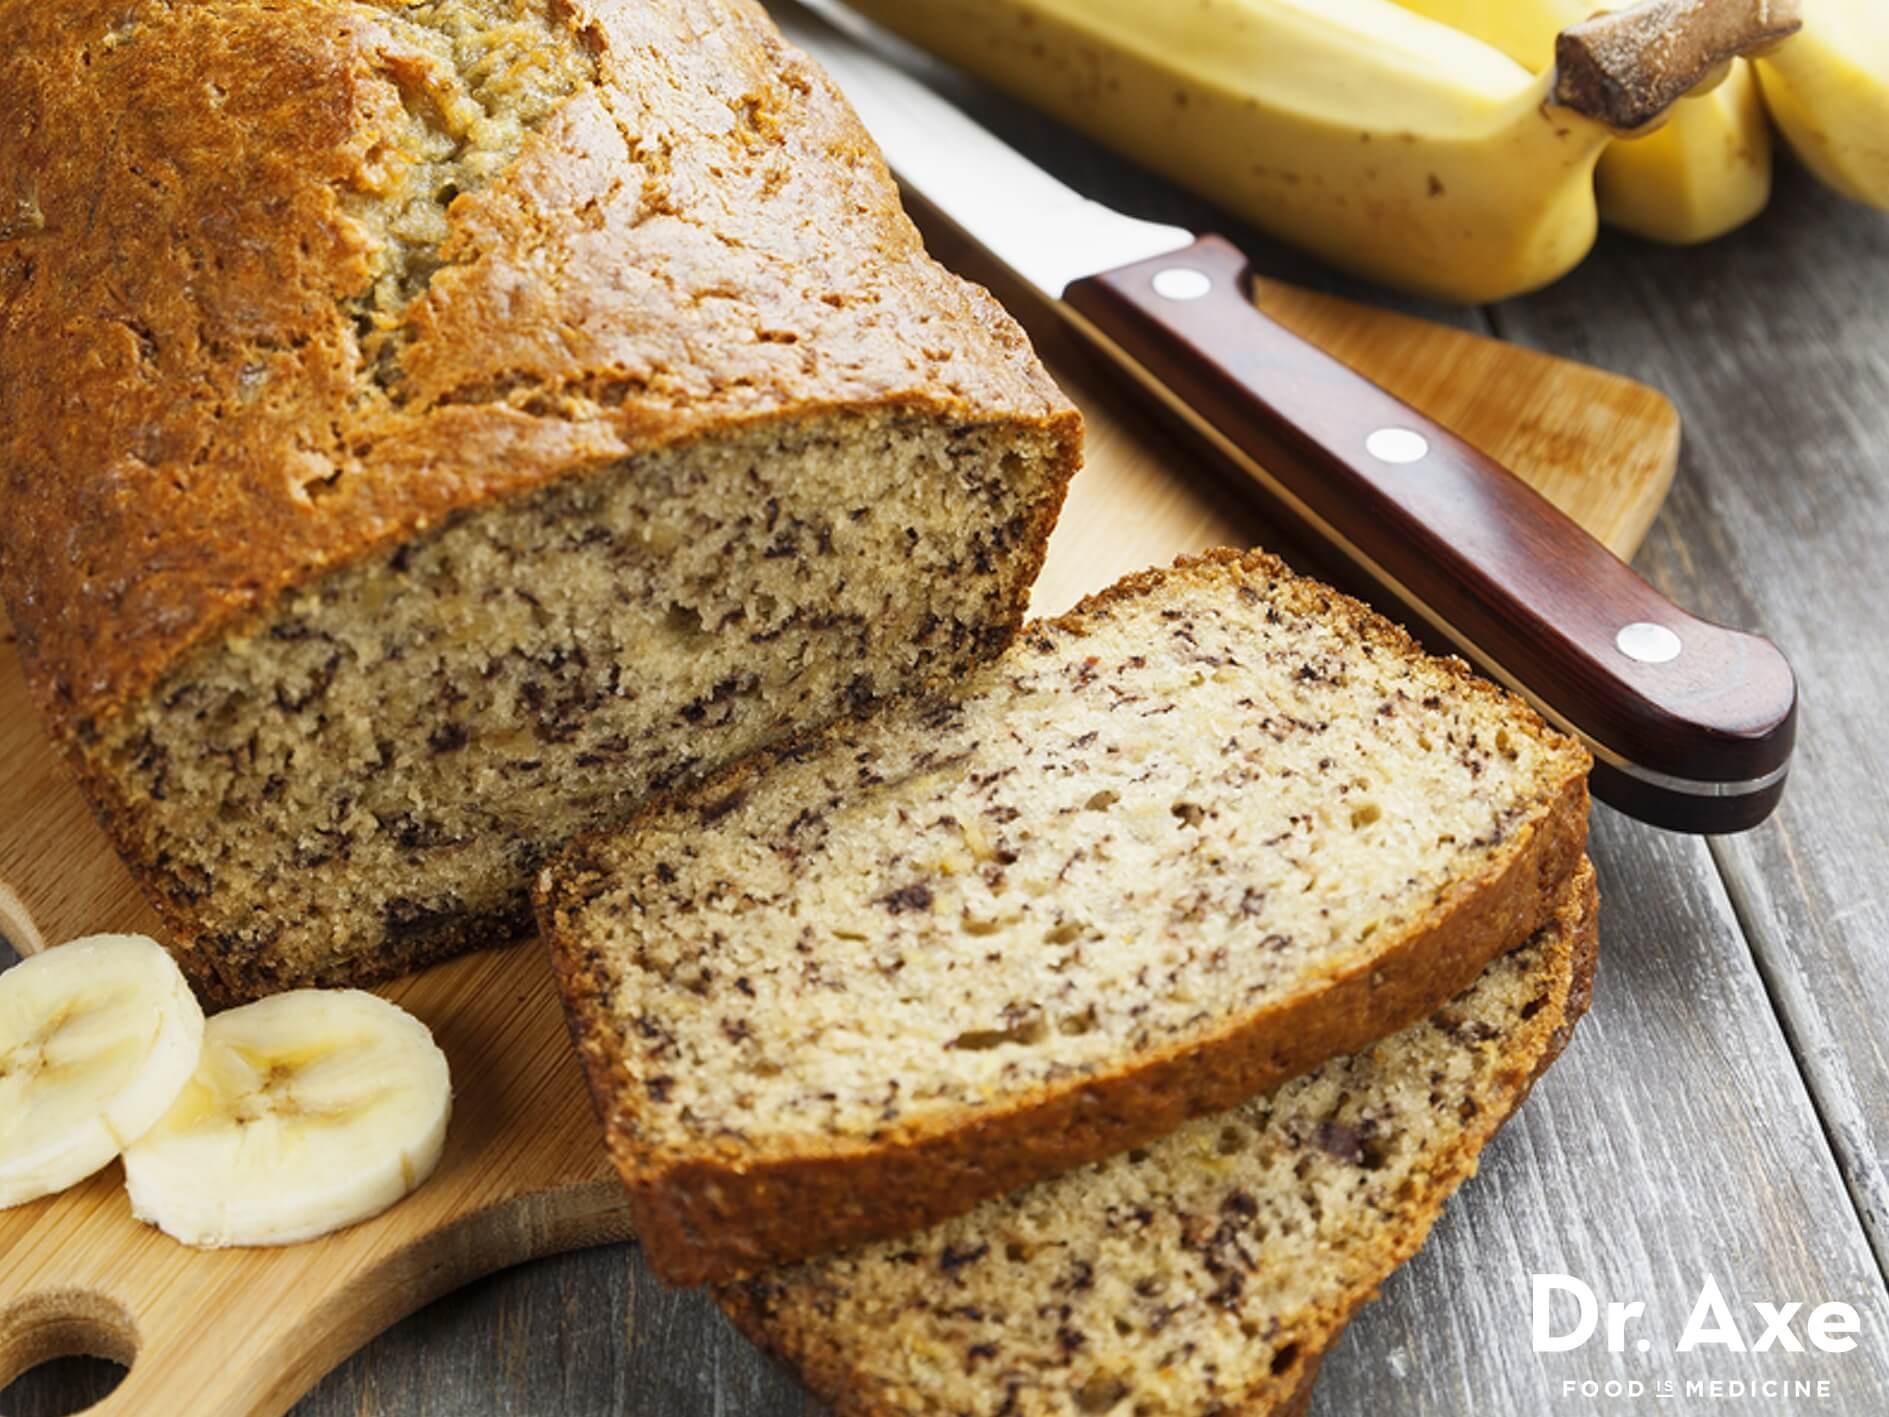 Gluten Dairy Free Banana Bread  Gluten Free Banana Bread Recipe DrAxe